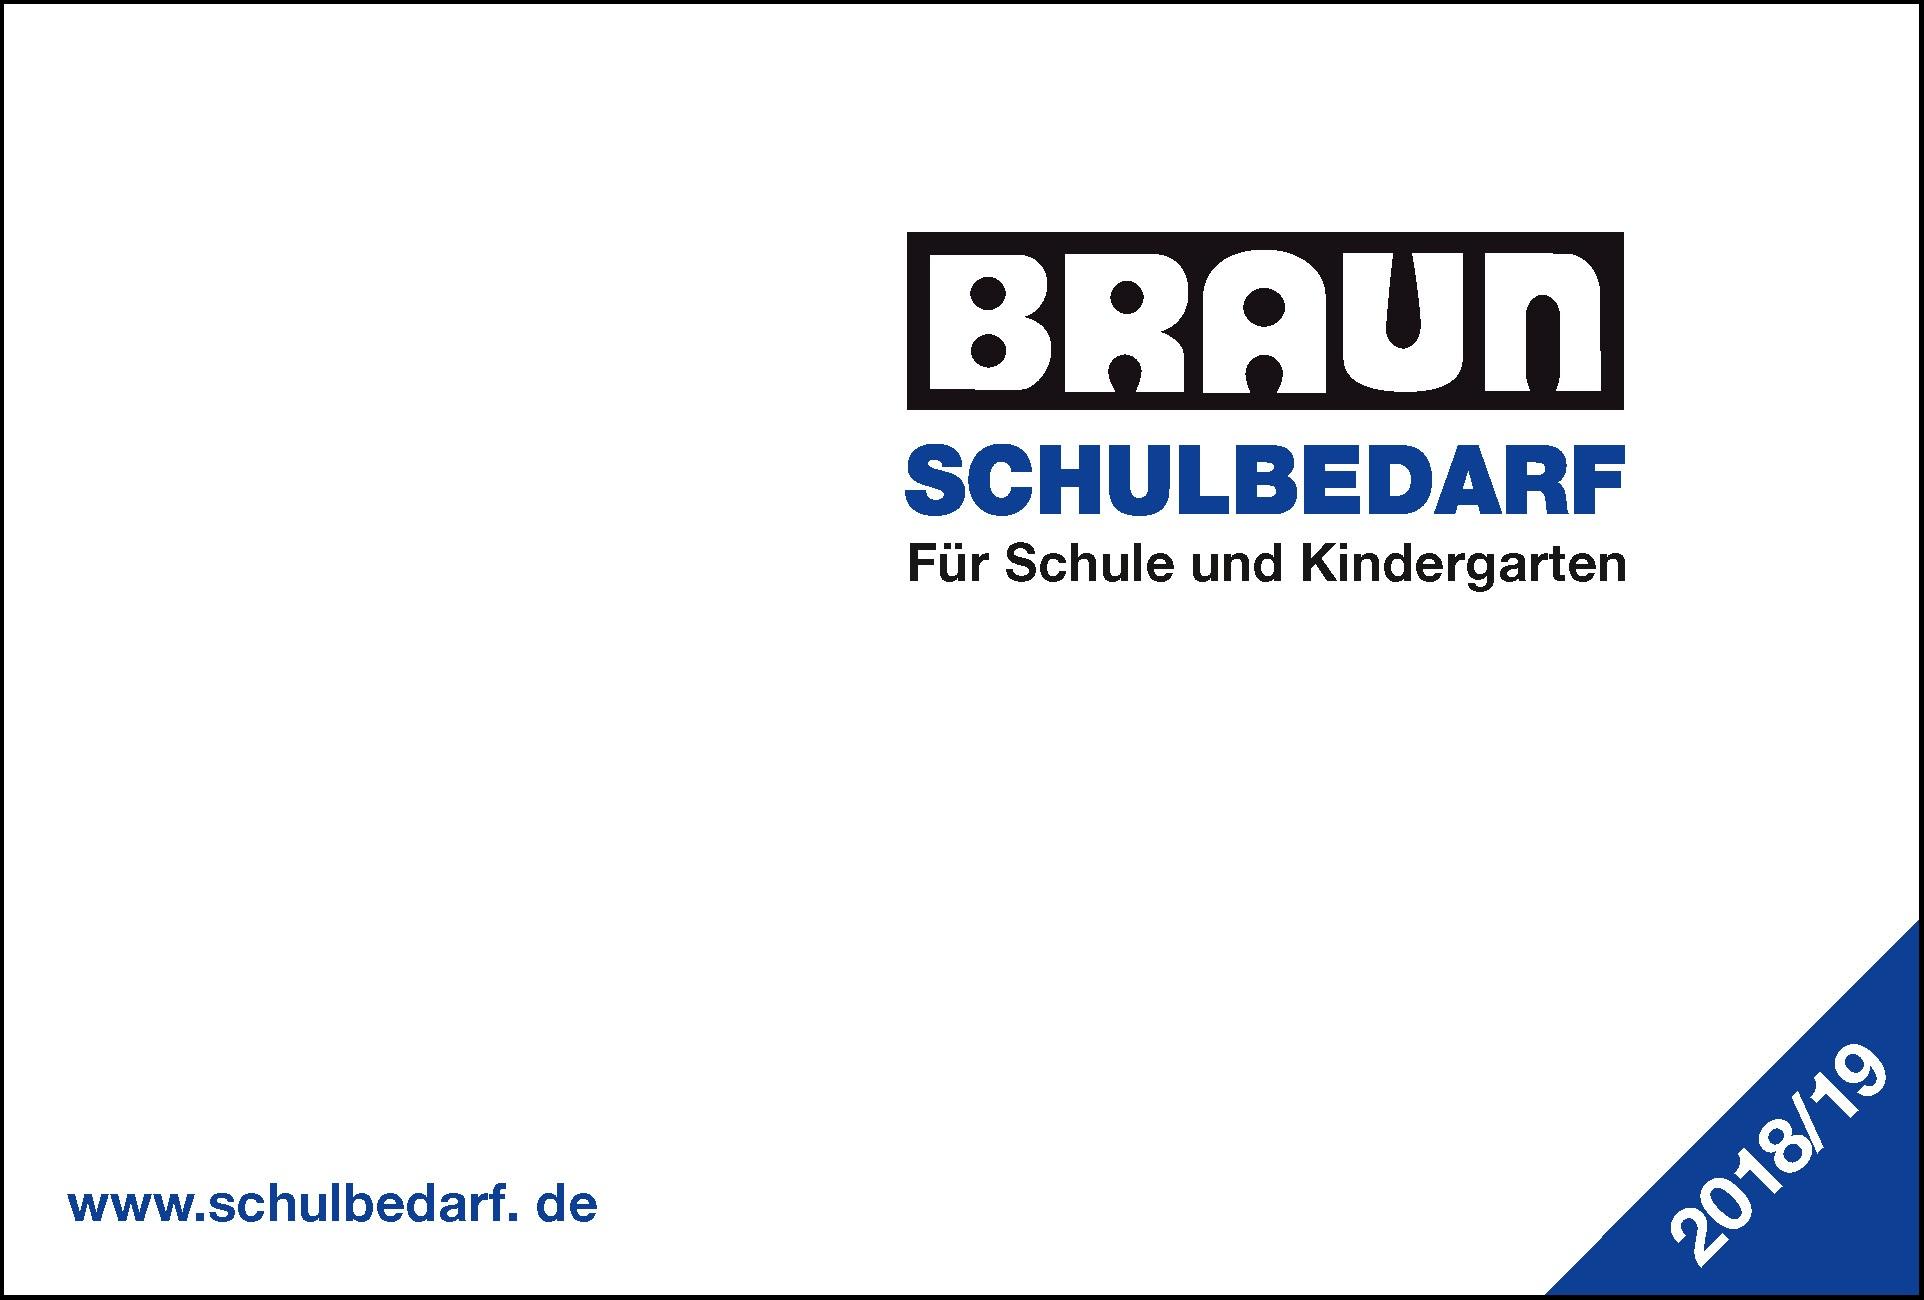 BRAUN Schulbedarf - Für Schule und Kindergarten - Bastelbedarf Katalog